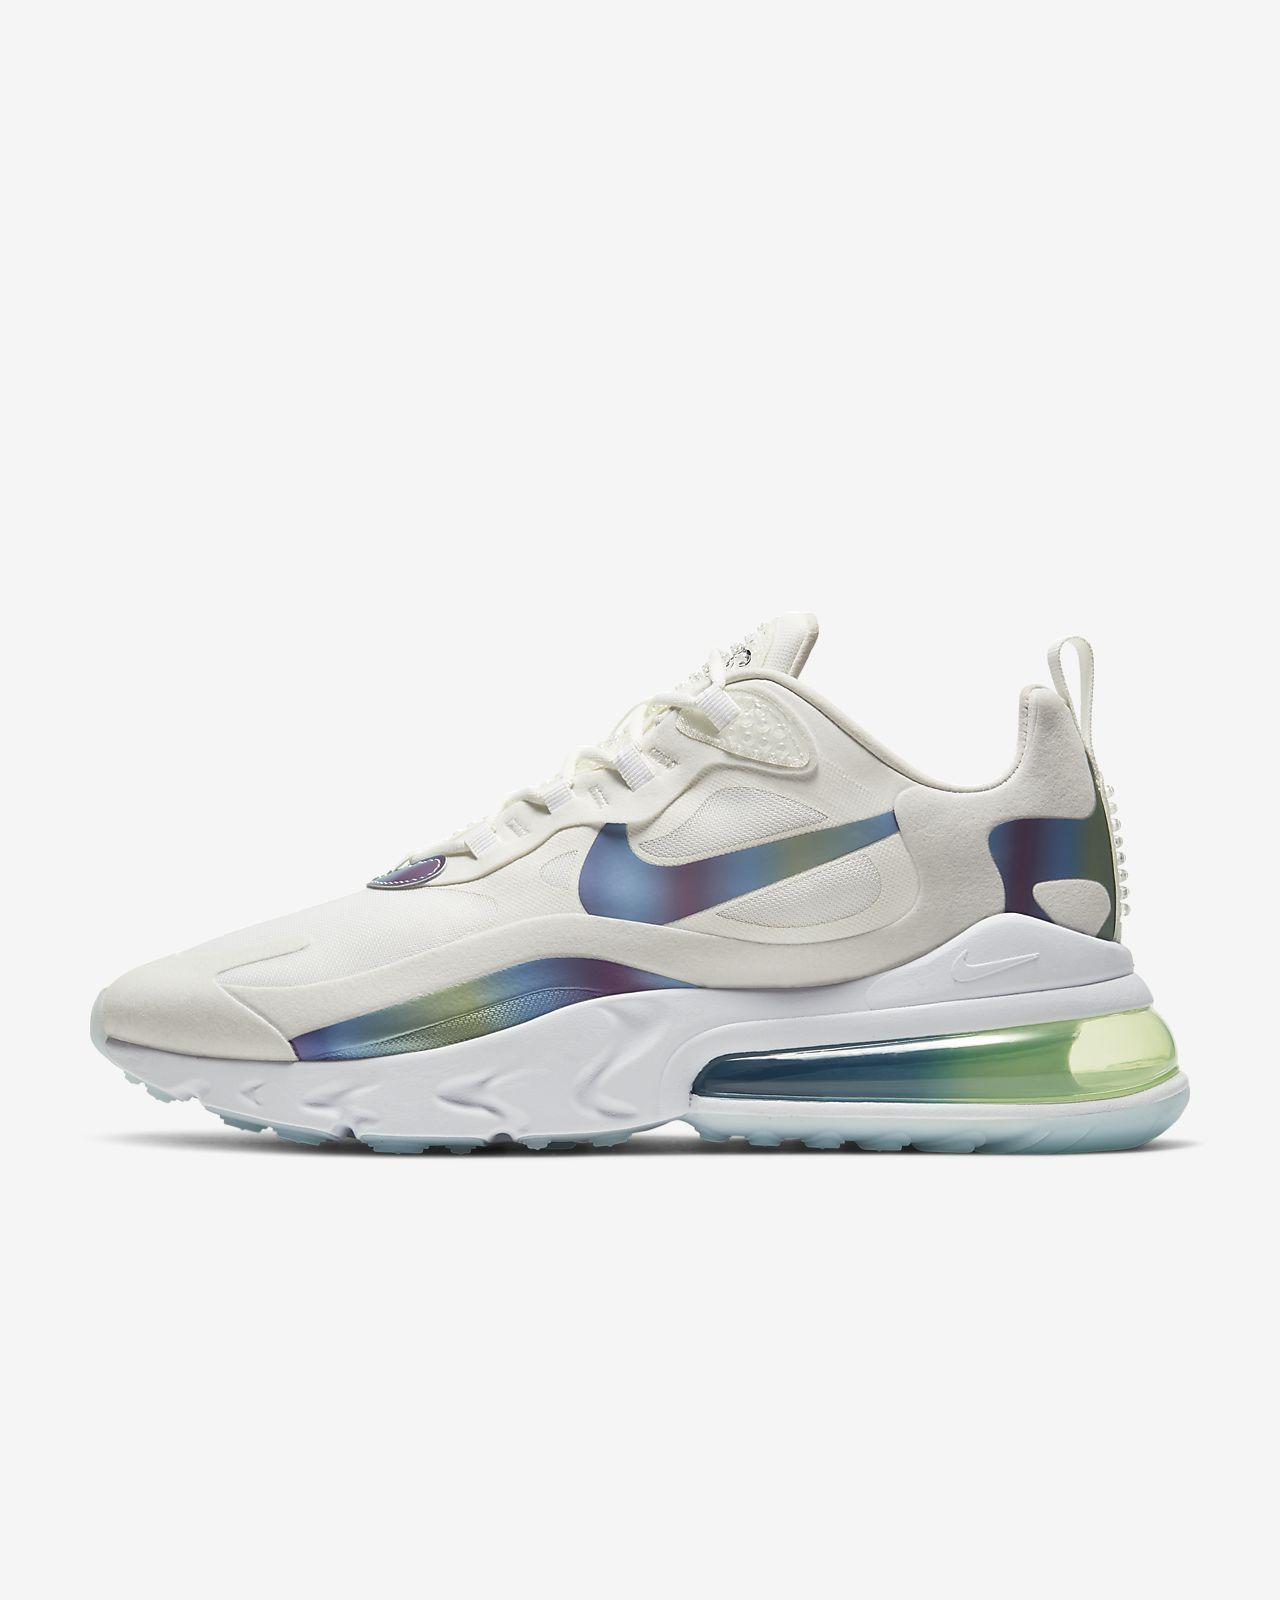 Nike Air Max 270 React 20 男子运动鞋